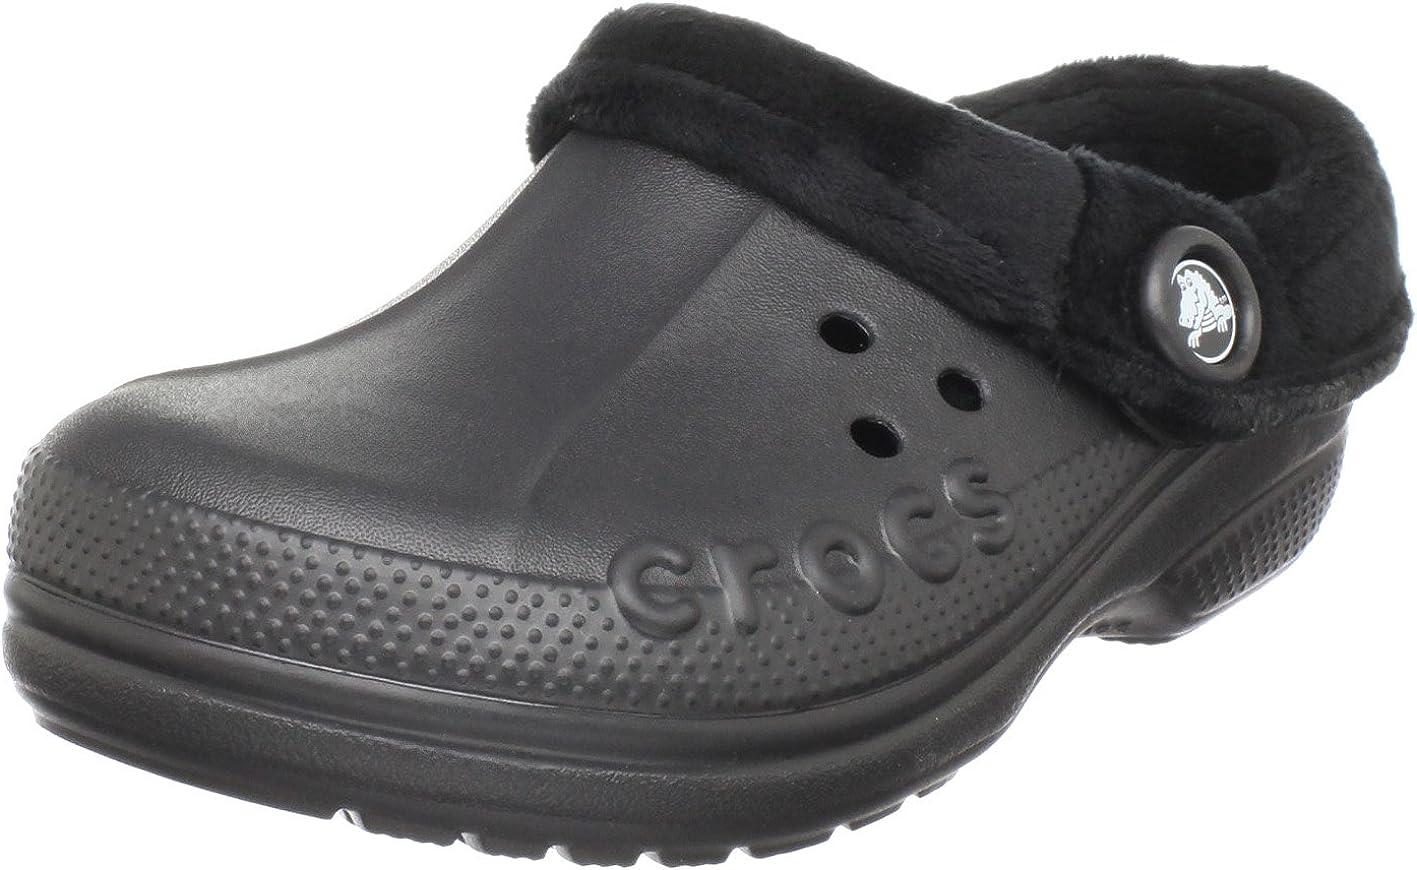 Crocs Kids' Blitzen Polar Lined Clog